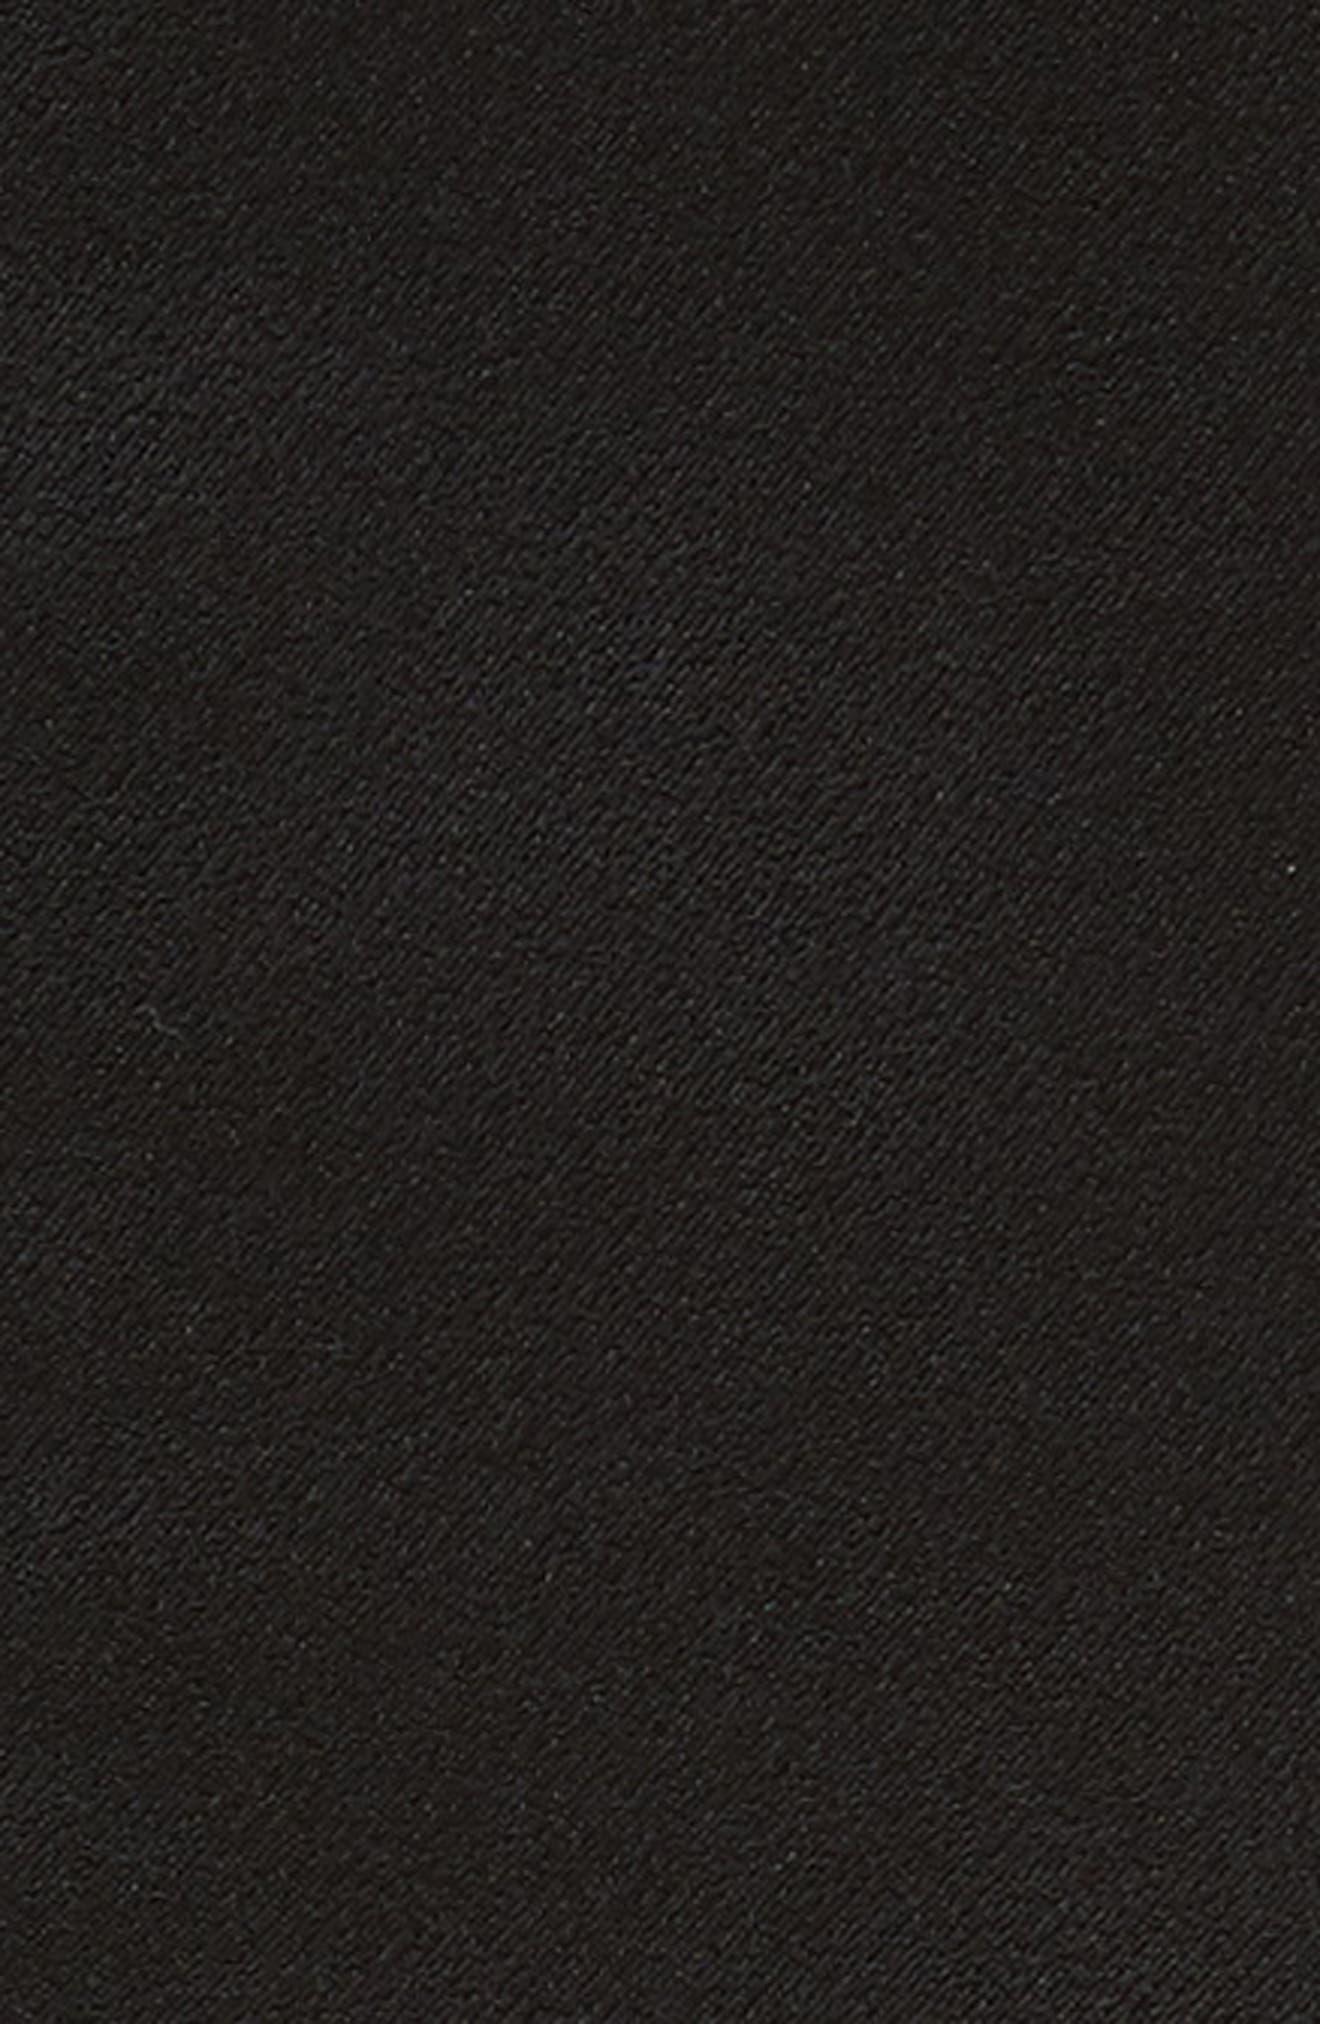 Lace Up Satin Crepe Jumpsuit,                             Alternate thumbnail 3, color,                             Black W/ White Lacings